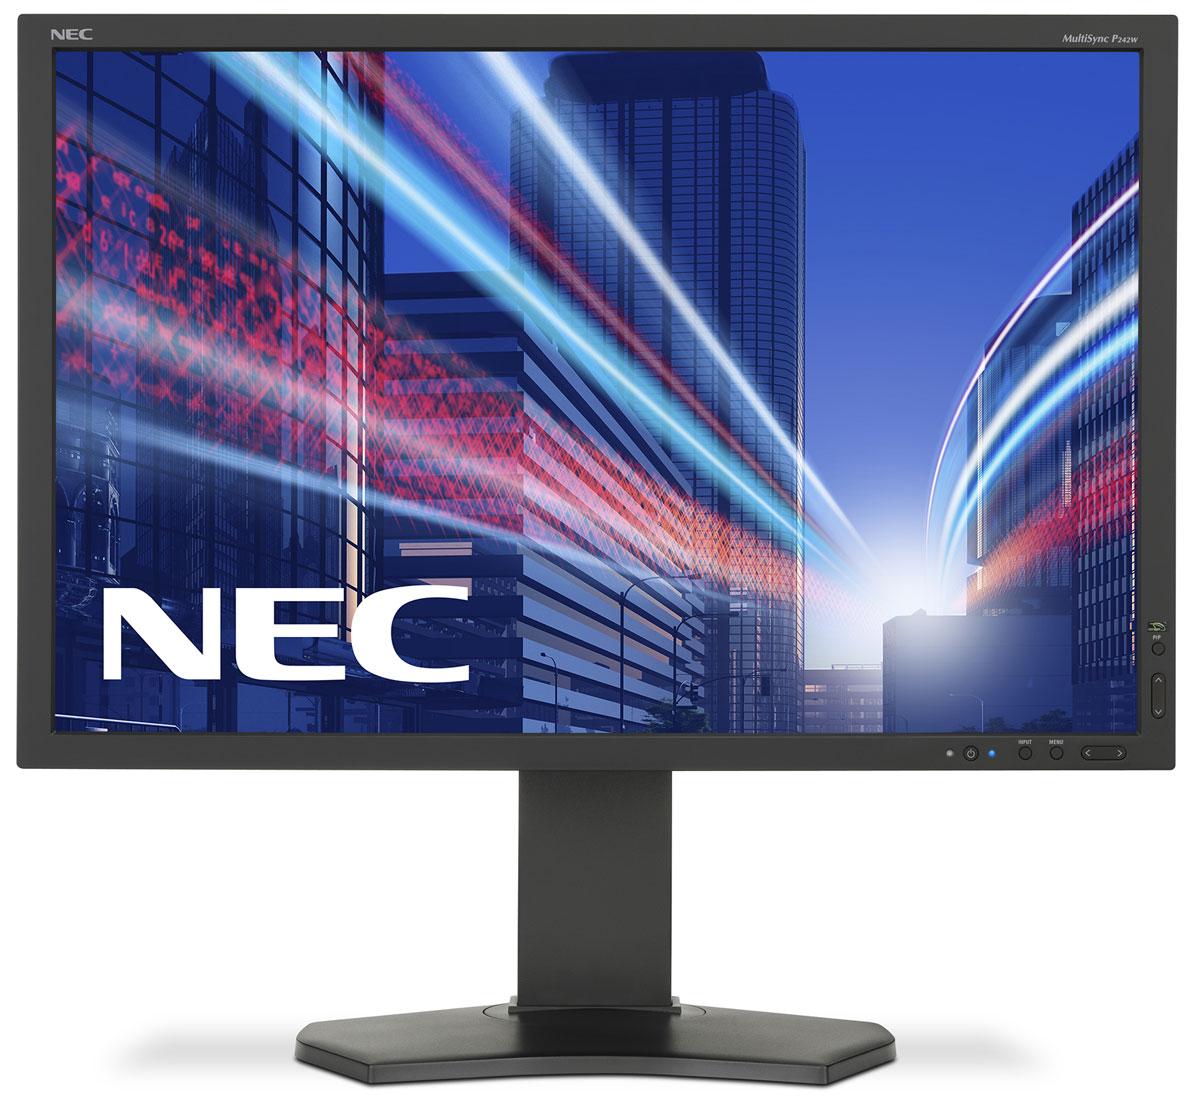 NEC P242W, Black монитор60003419Модель NEC P242W предлагает великолепное изображение и отличные эргономические характеристики для возможности использования профессиональных приложений. Устройство регулирования по высоте (15 см), современный DisplayPort-коннектор, функция Digital Uniformity Control, интегрированный USB-хаб и функция картинка в картинке предоставляет пользователям гибкость и качество изображения, необходимые для обеспечения высокого уровня производительности персонала. Идеальный дисплей для профессионального дизайна, CAD-CAM, финансовой сферы, офисных и промышленных приложений (например, NDT). Эргономические характеристики – регулировка по высоте (150 мм), функция наклона и плоский режим обеспечивают идеальную возможность индивидуальной эргономичной настройки. Уникальные функции – функция равномерного распределения яркости по всей поверхности экрана (Digital Uniformity Control), картинка в картинке, USB-хаб, эмуляция цветового пространства с помощью 3D...